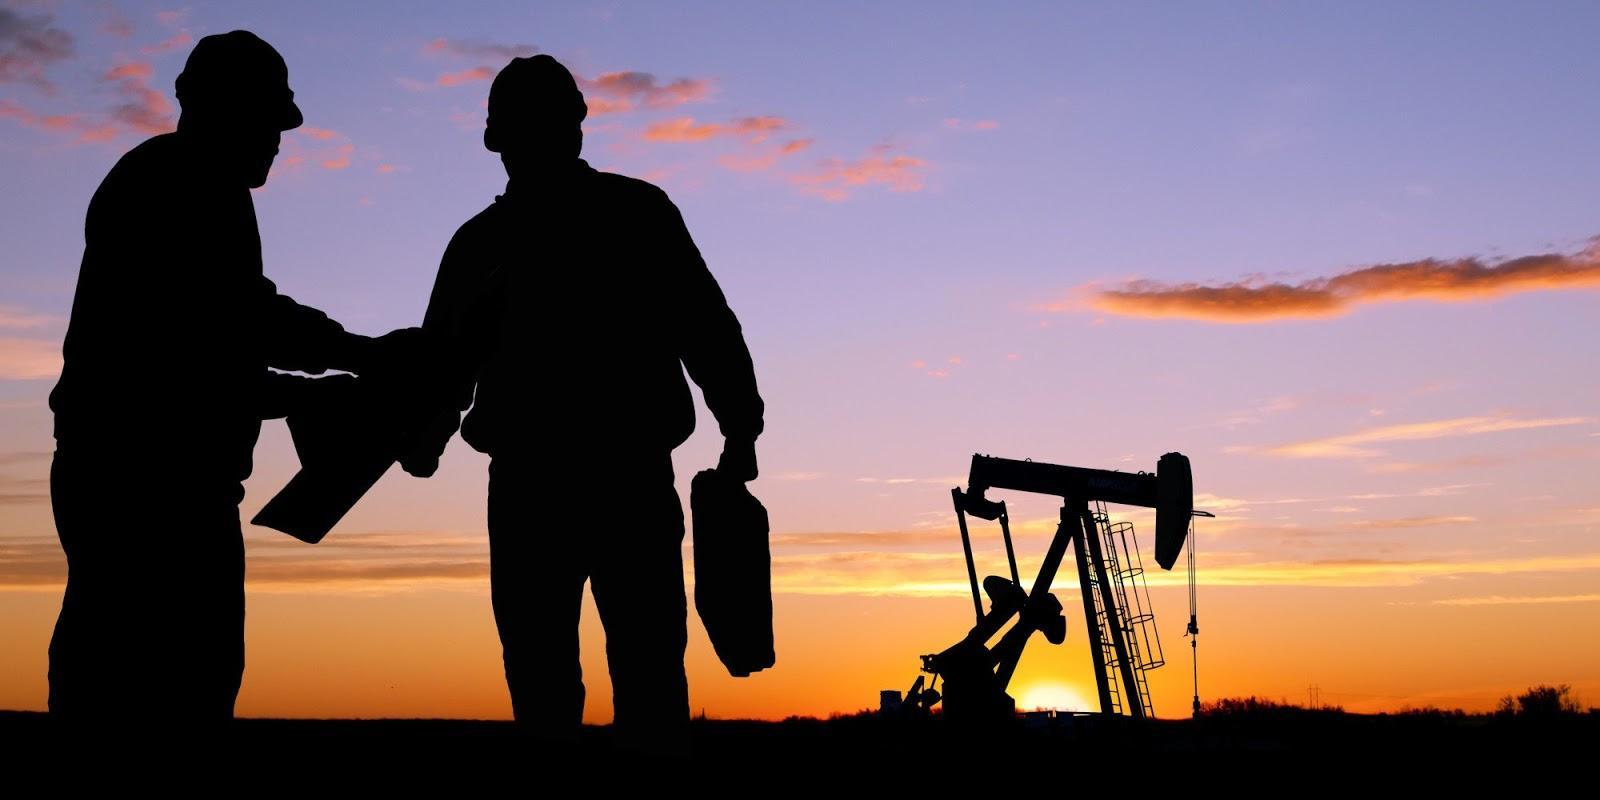 Ötən həftə ABŞ-da aktiv neft quyularının sayı artıb